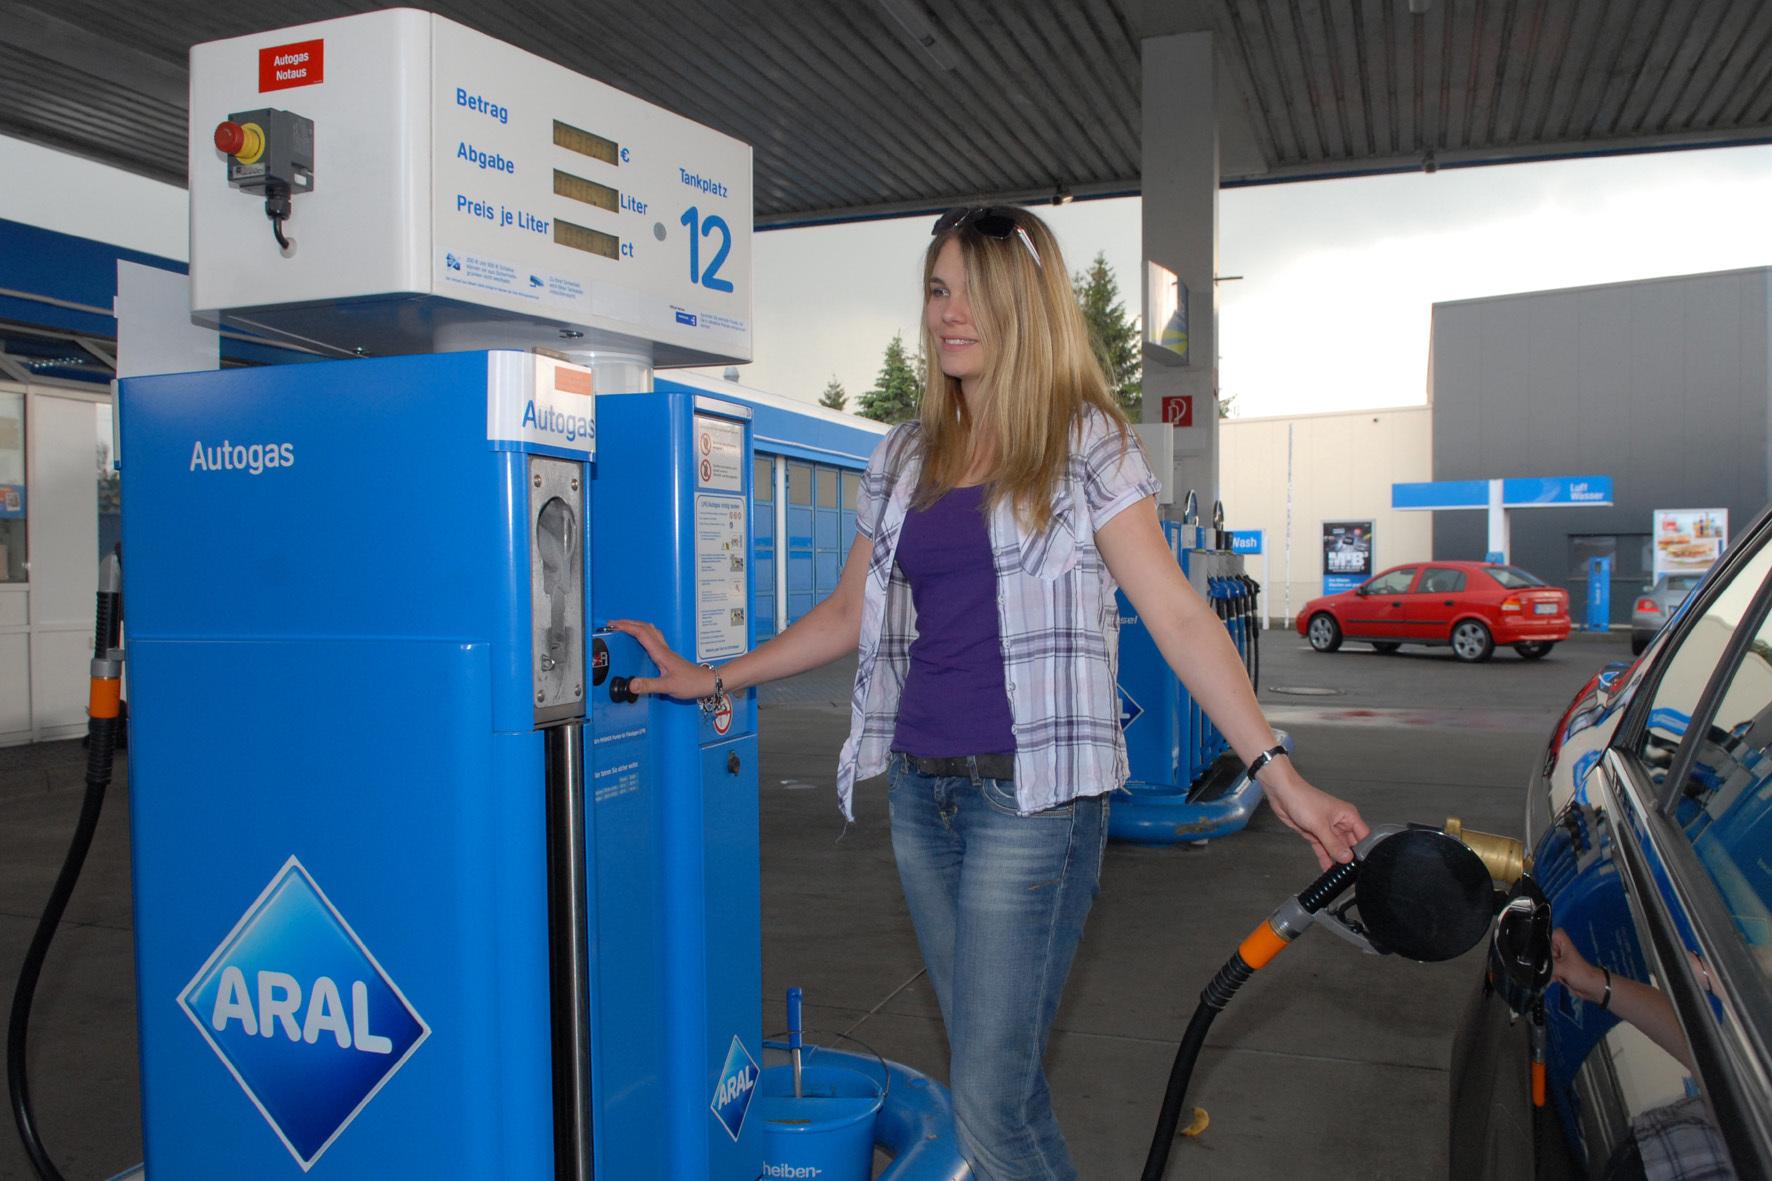 mid Groß-Gerau - Für die rund 580.000 gasbetriebenen Fahrzeuge auf deutschen Straßen gibt es etwa 6.000 Tankstellen.